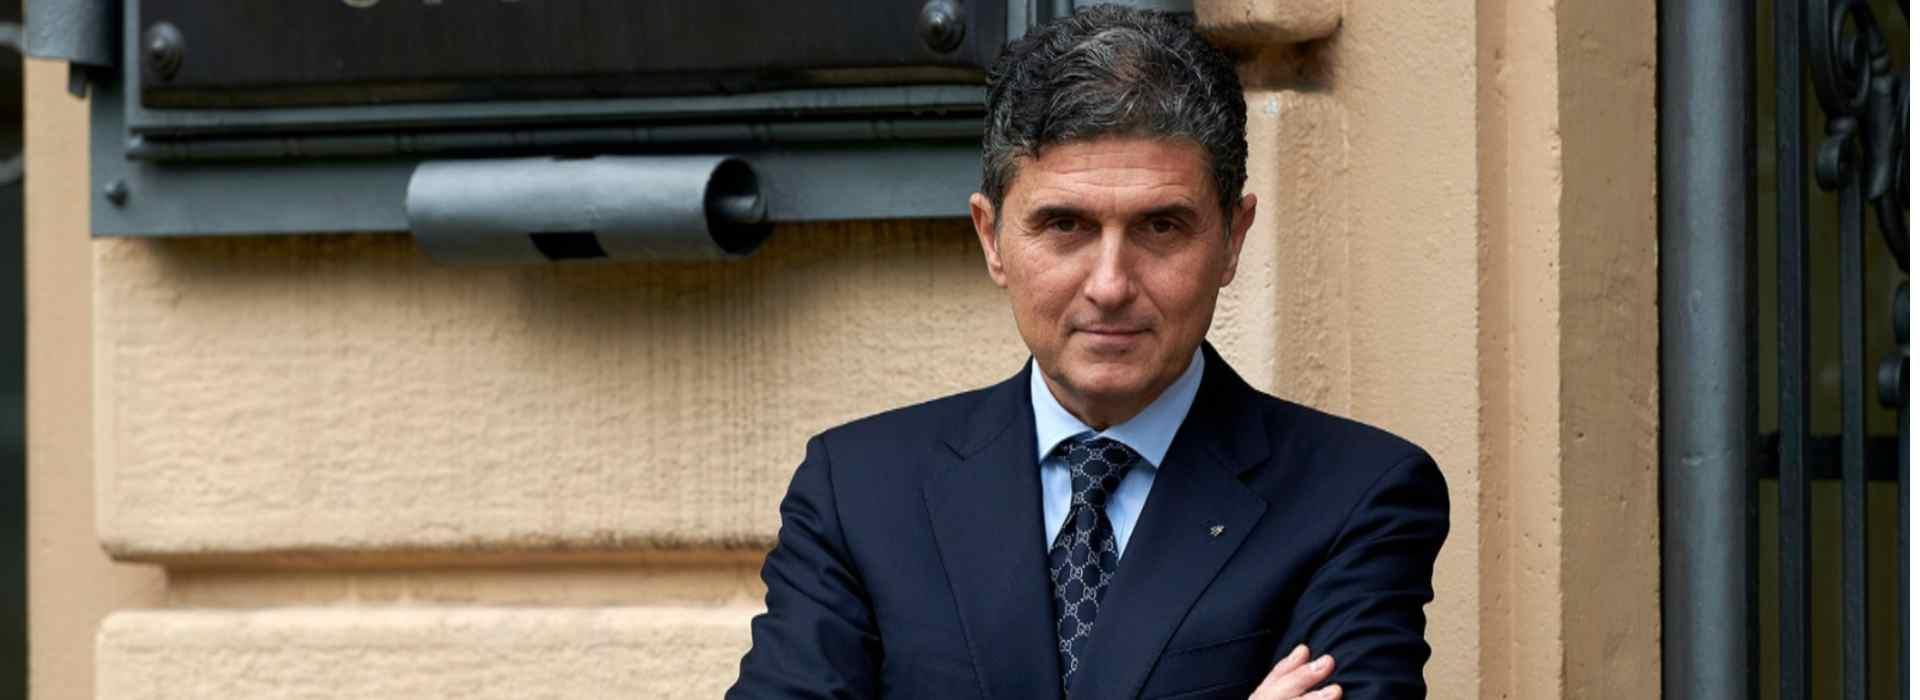 Pazzali e Fiera Milano: il presidente con doppi incarichi e stipendi pubblici